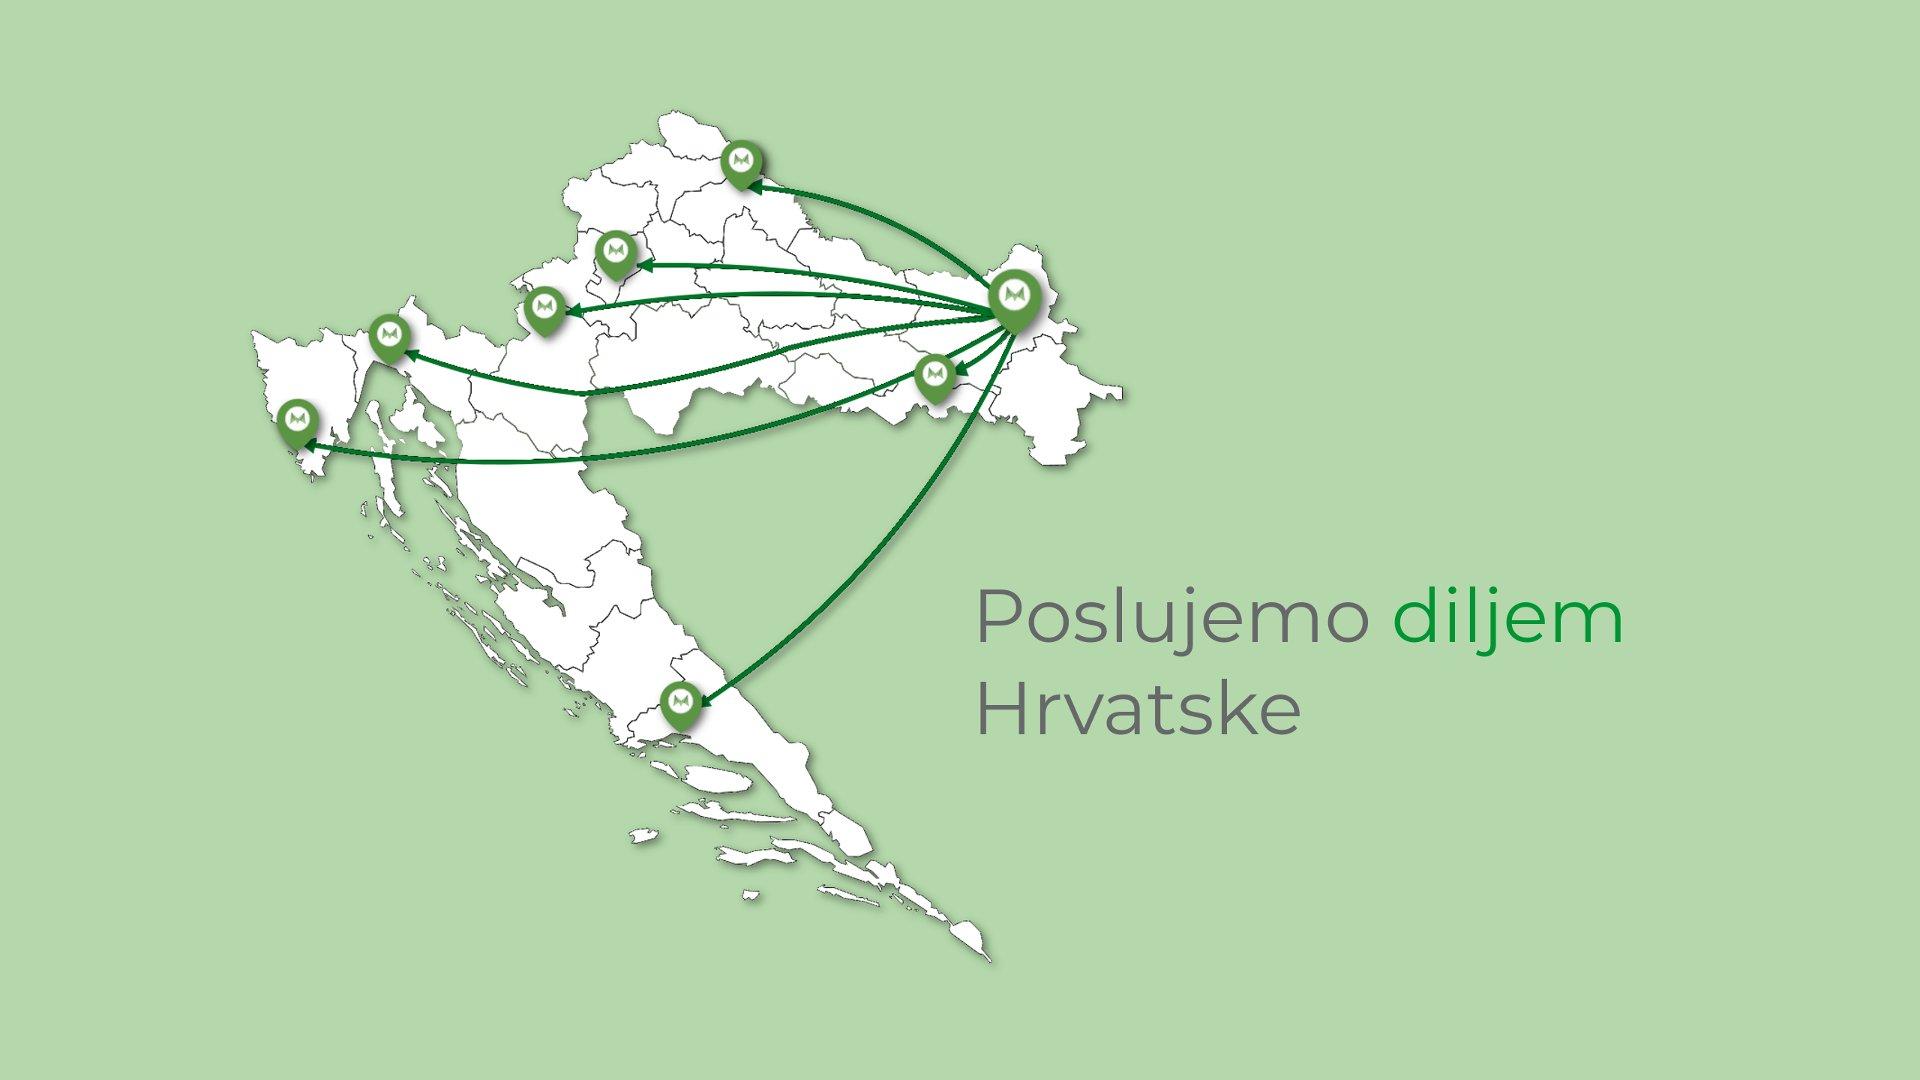 Poslujemo diljem Hrvatske